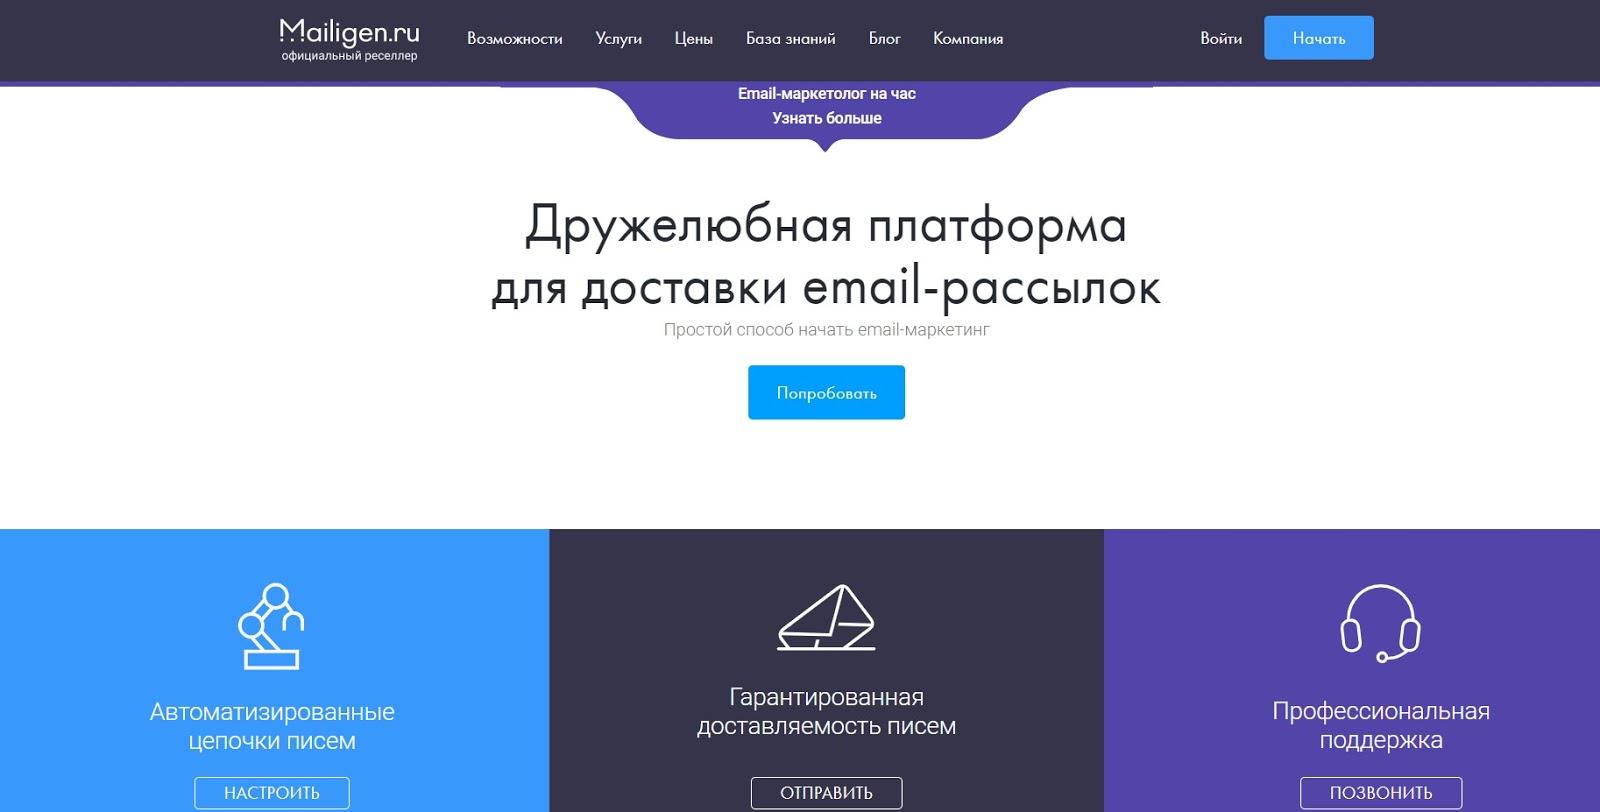 Лучшие сервисы email-маркетинга